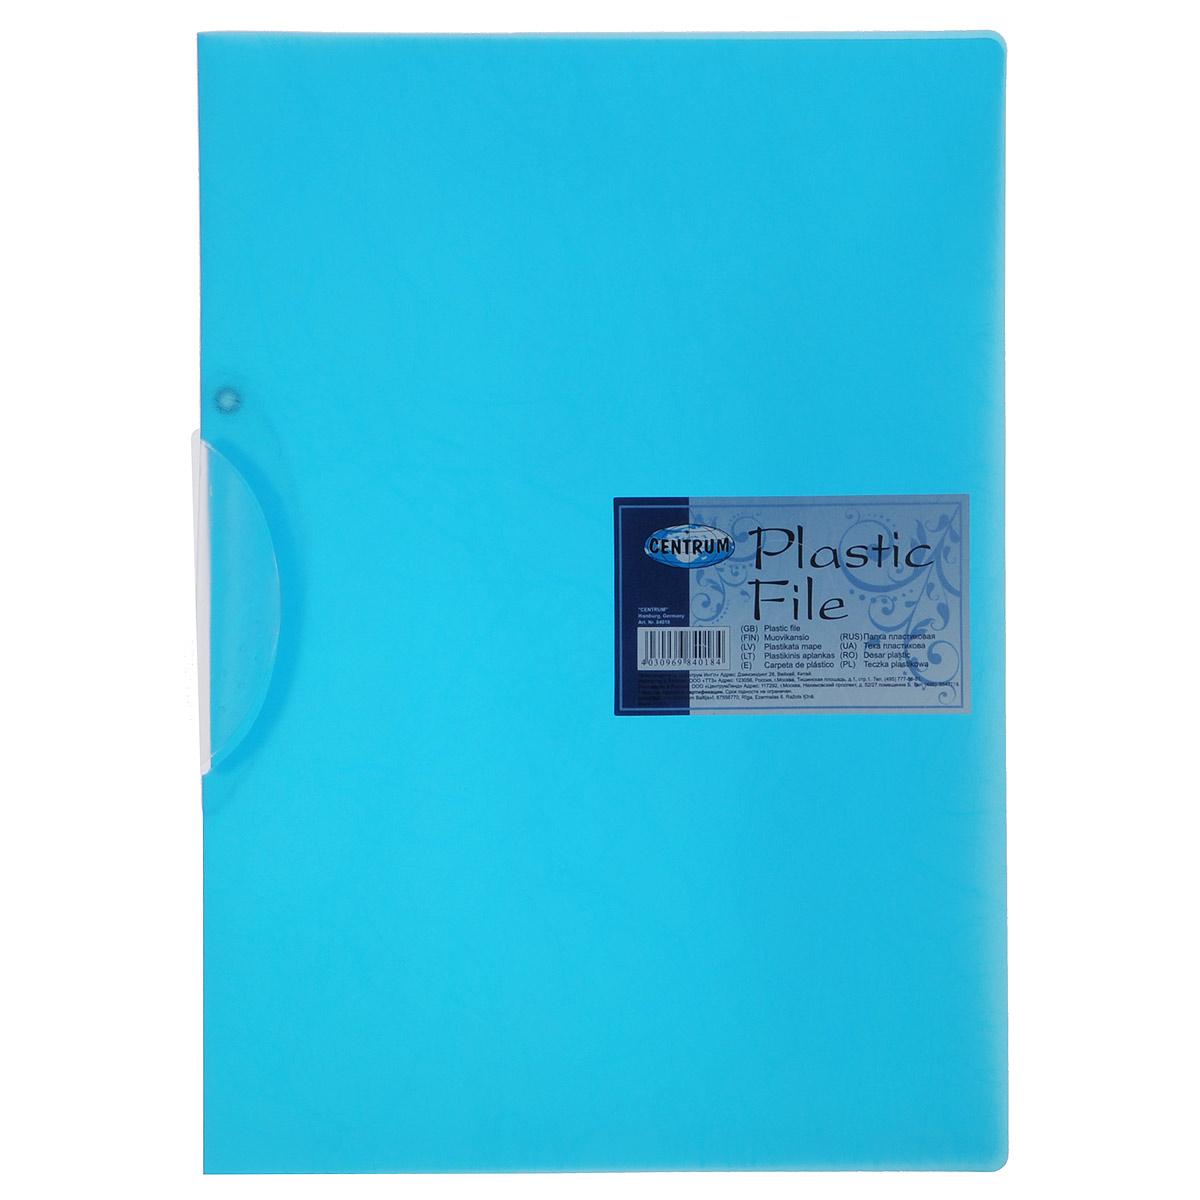 Папка с клипом Centrum, формат А4, цвет: синий84018Папка с клипом Centrum - это удобный и практичный офисный инструмент, предназначенный для хранения и транспортировки неперфорированных рабочих бумаг и документов формата А4. Она изготовлена из прочного пластика и оснащена боковым поворотным клипом, позволяющим фиксировать неперфорированные листы. Папка - это незаменимый атрибут для студента, школьника, офисного работника. Такая папка практична в использовании и надежно сохранит ваши документы и сбережет их от повреждений, пыли и влаги.